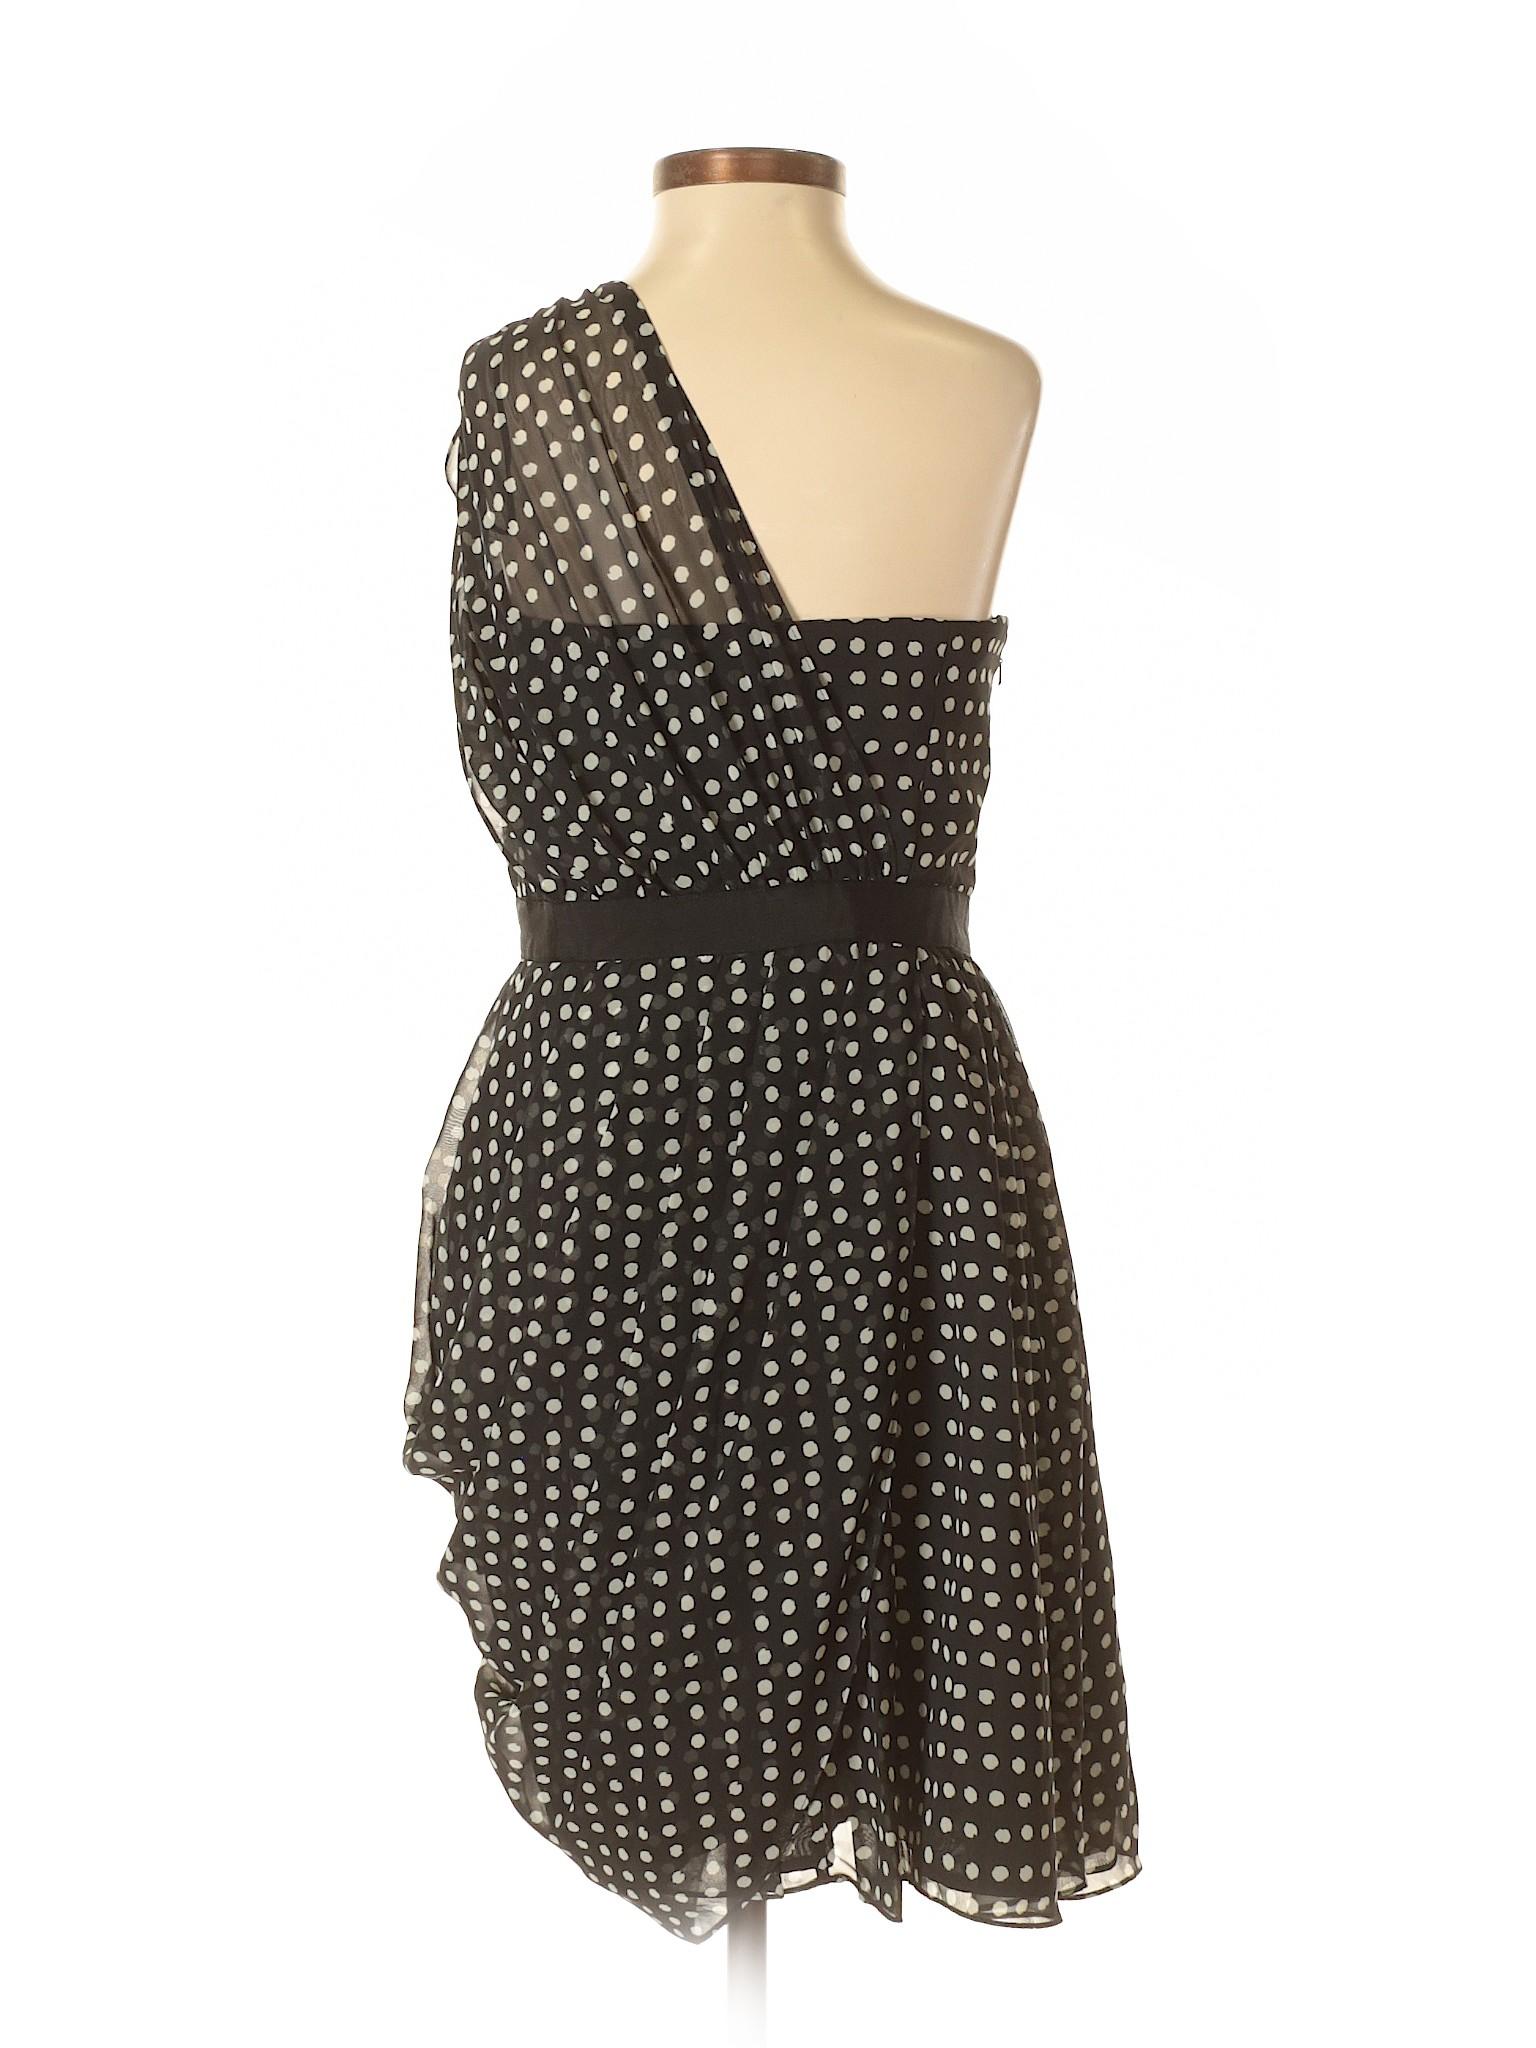 Dress Jessica Simpson winter Boutique Casual wPqnIxza8